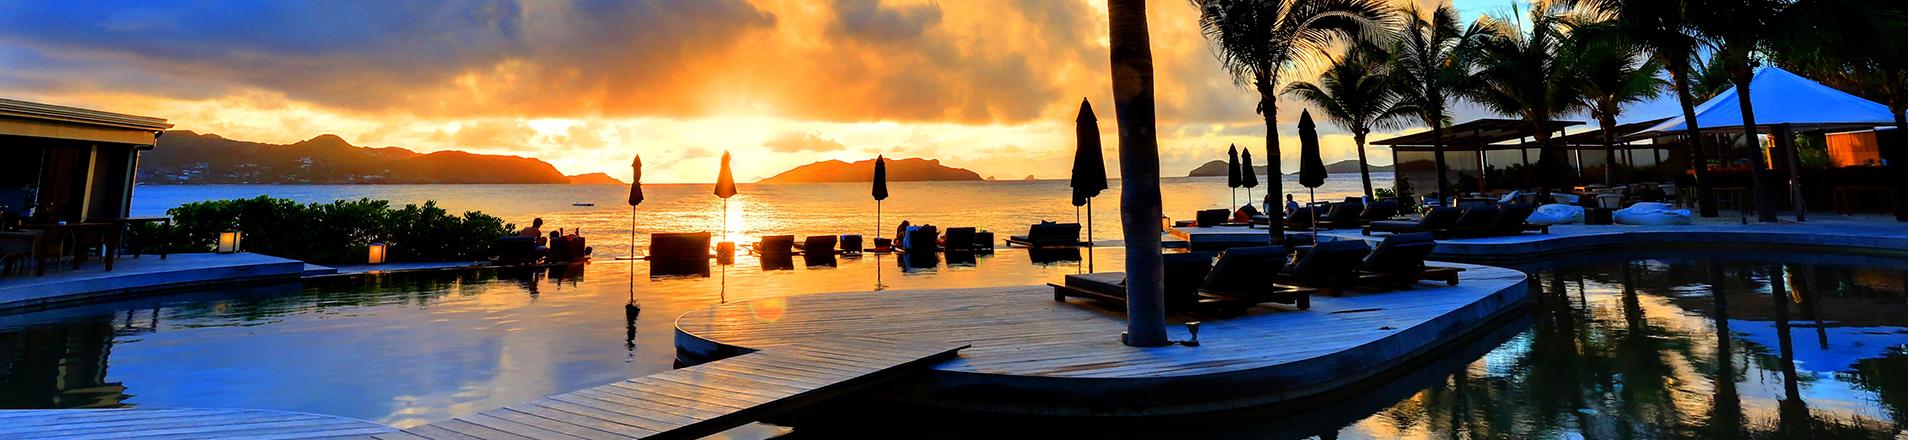 piscine coucher de soleil saint barthelemy